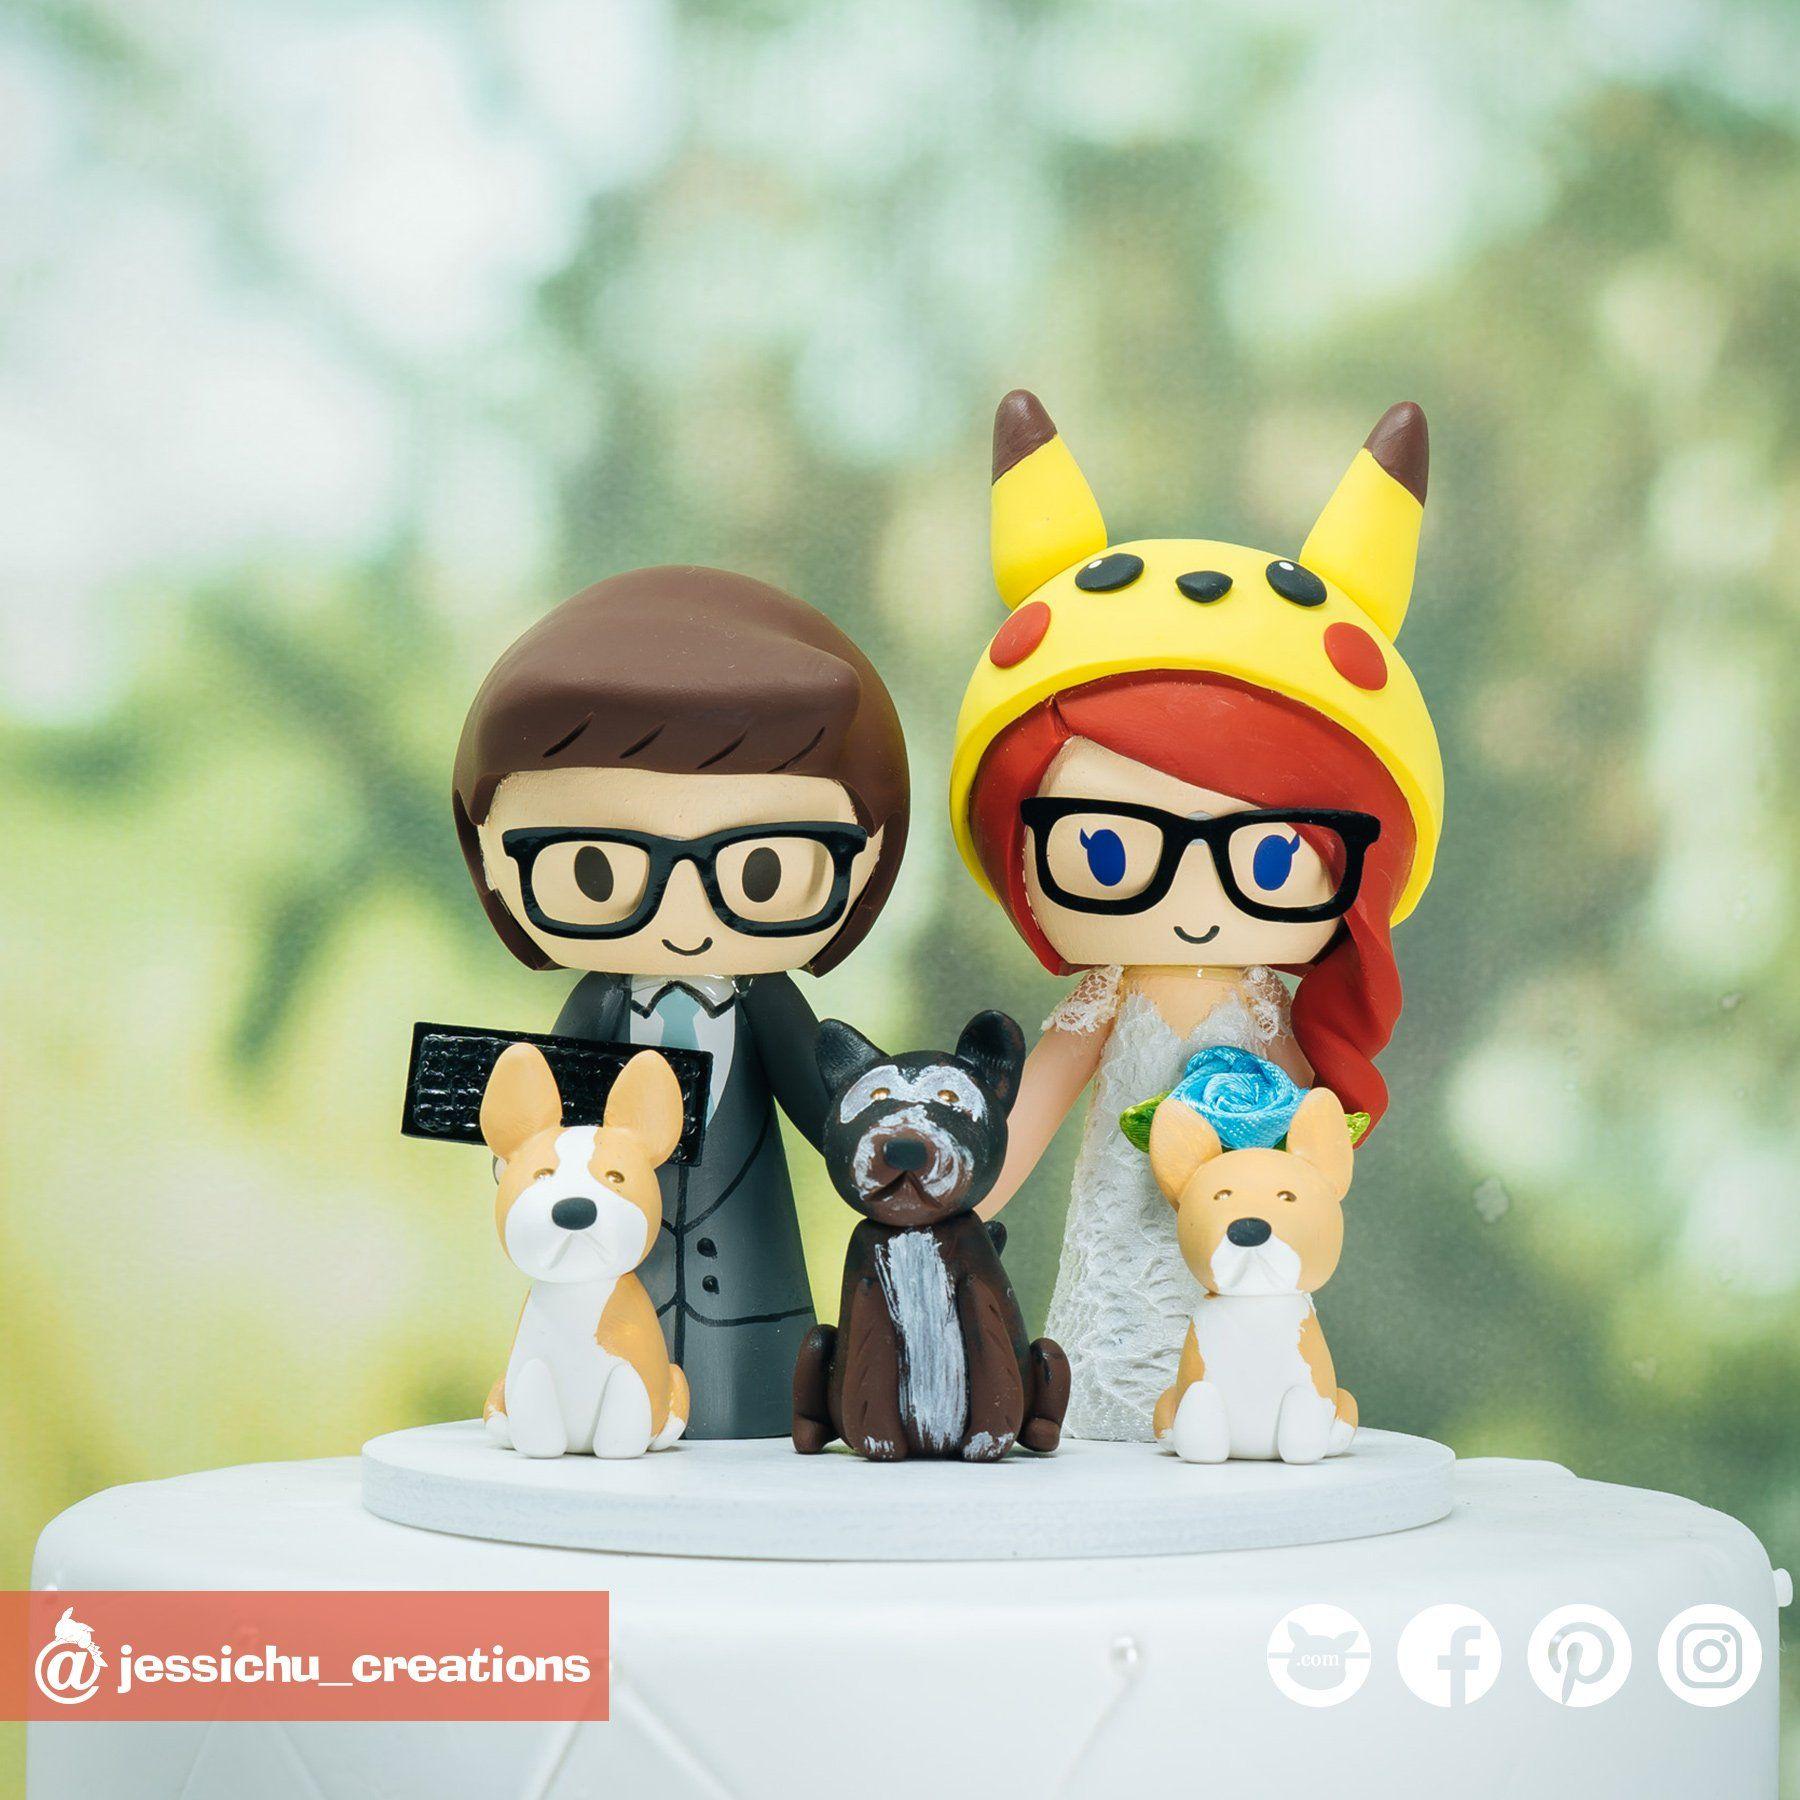 Gamer Groom & Pikachu Bride Inspired Nintendo Pokemon Custom Handmade Wedding Cake Topper